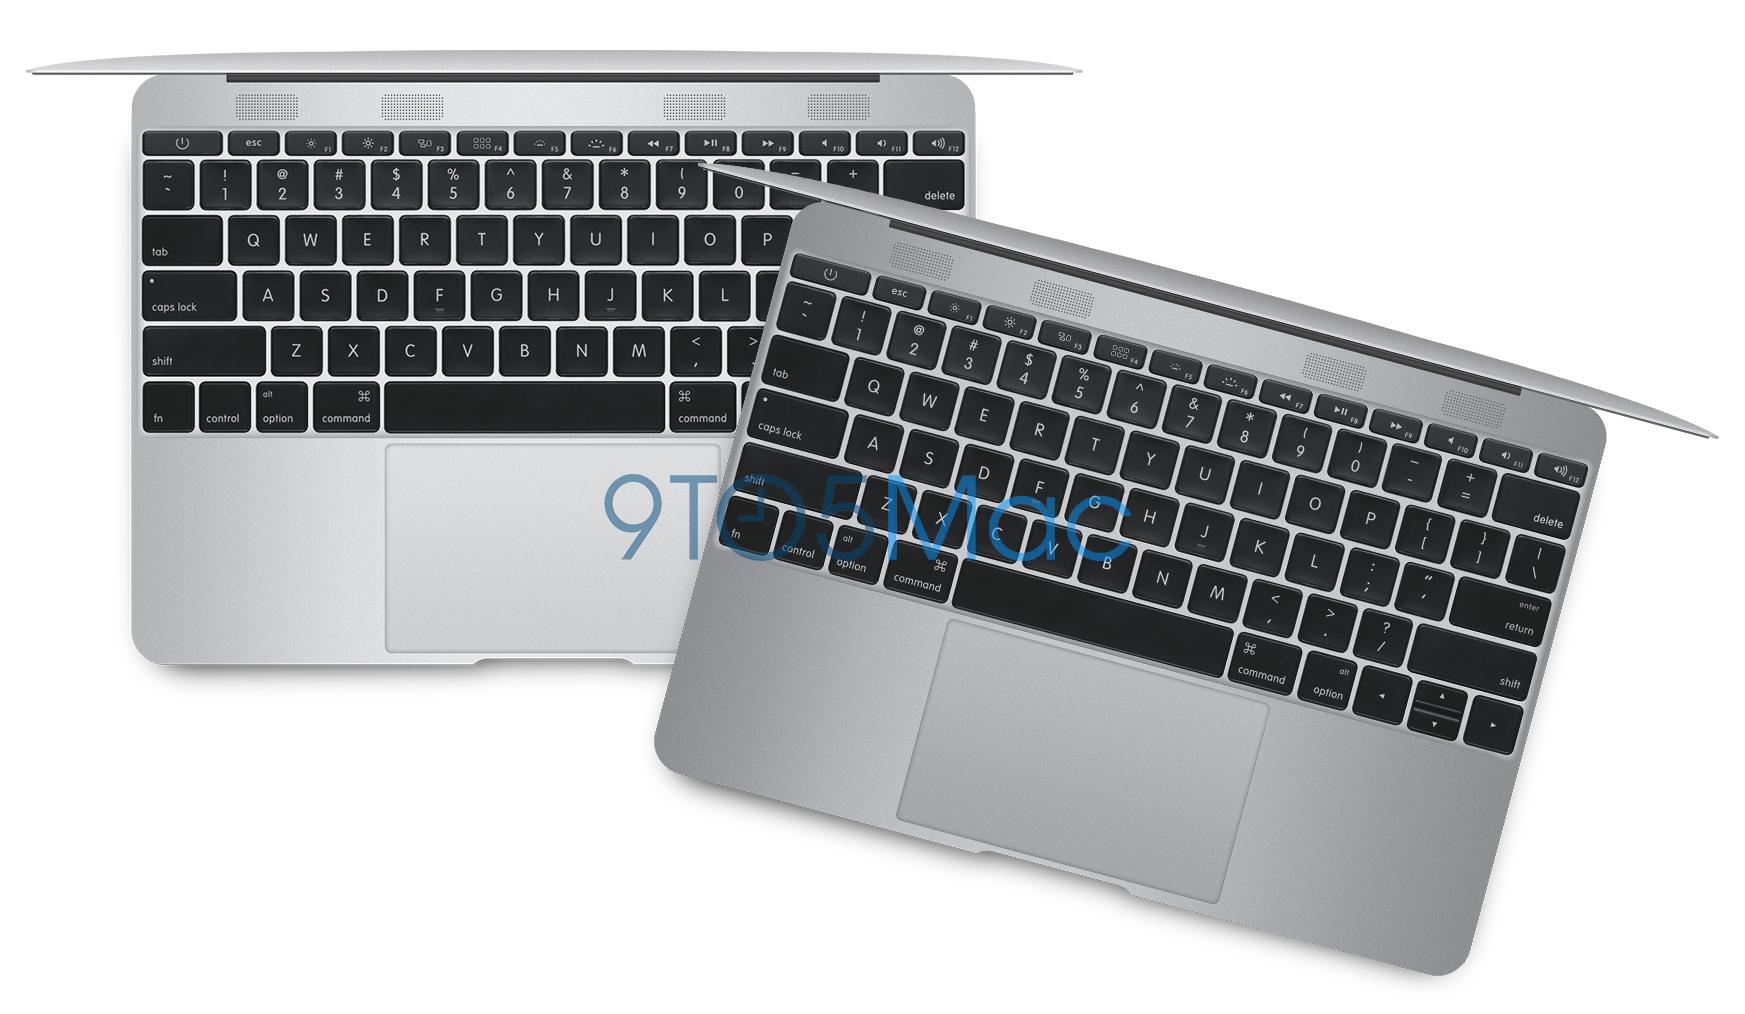 12インチ新型MacBookに限りなく近い外観の画像が公開!?USB3.1 Type-Cを一つだけ搭載?